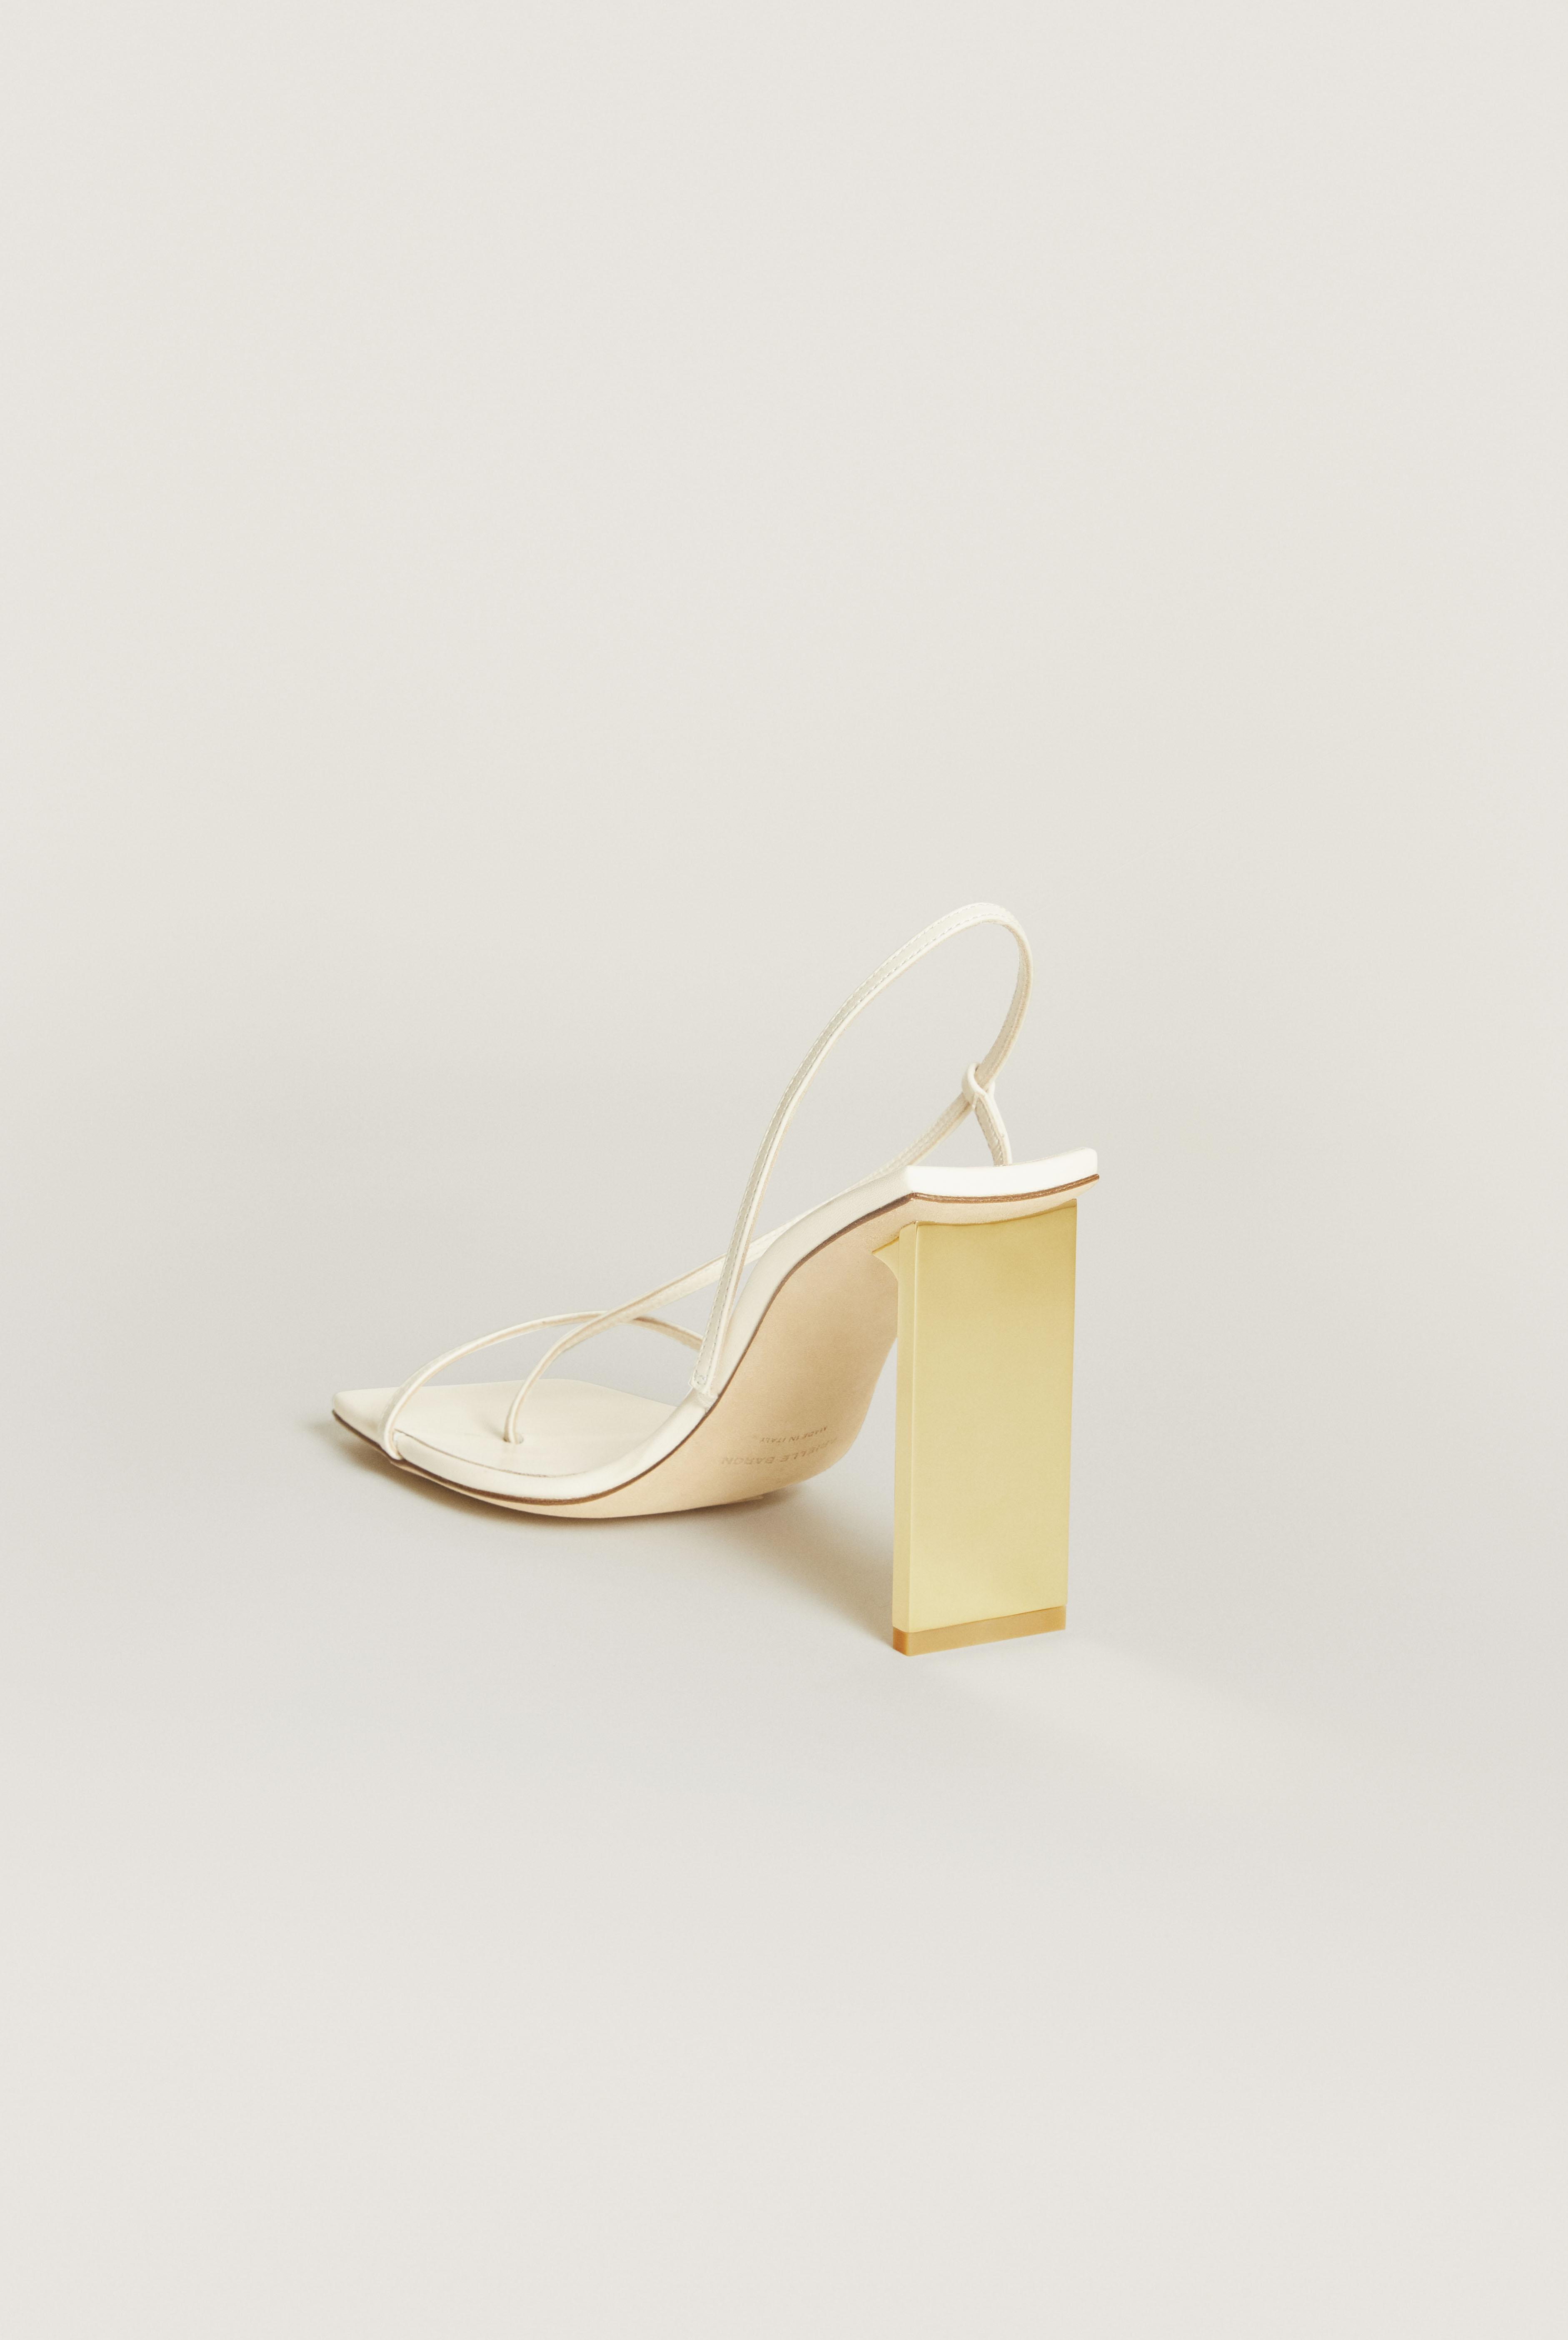 Arielle Baron shoes.